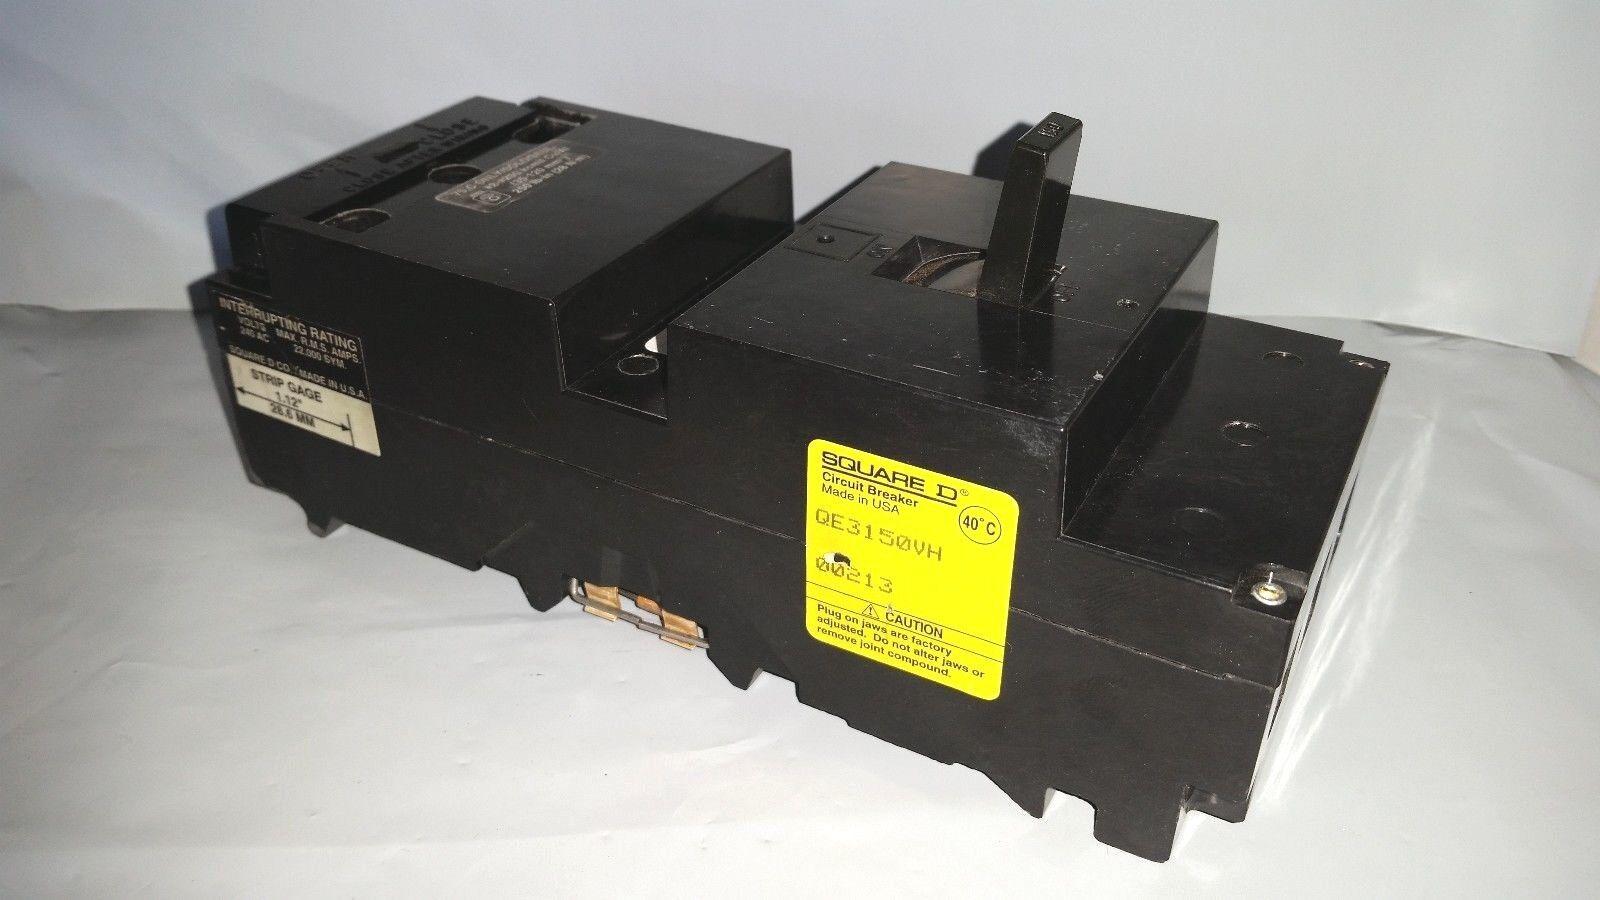 Square D Qe3150vh 3 Pole 150 Amp Circuit Breaker Ebay 20a Afci Chfcaf120neweggcom